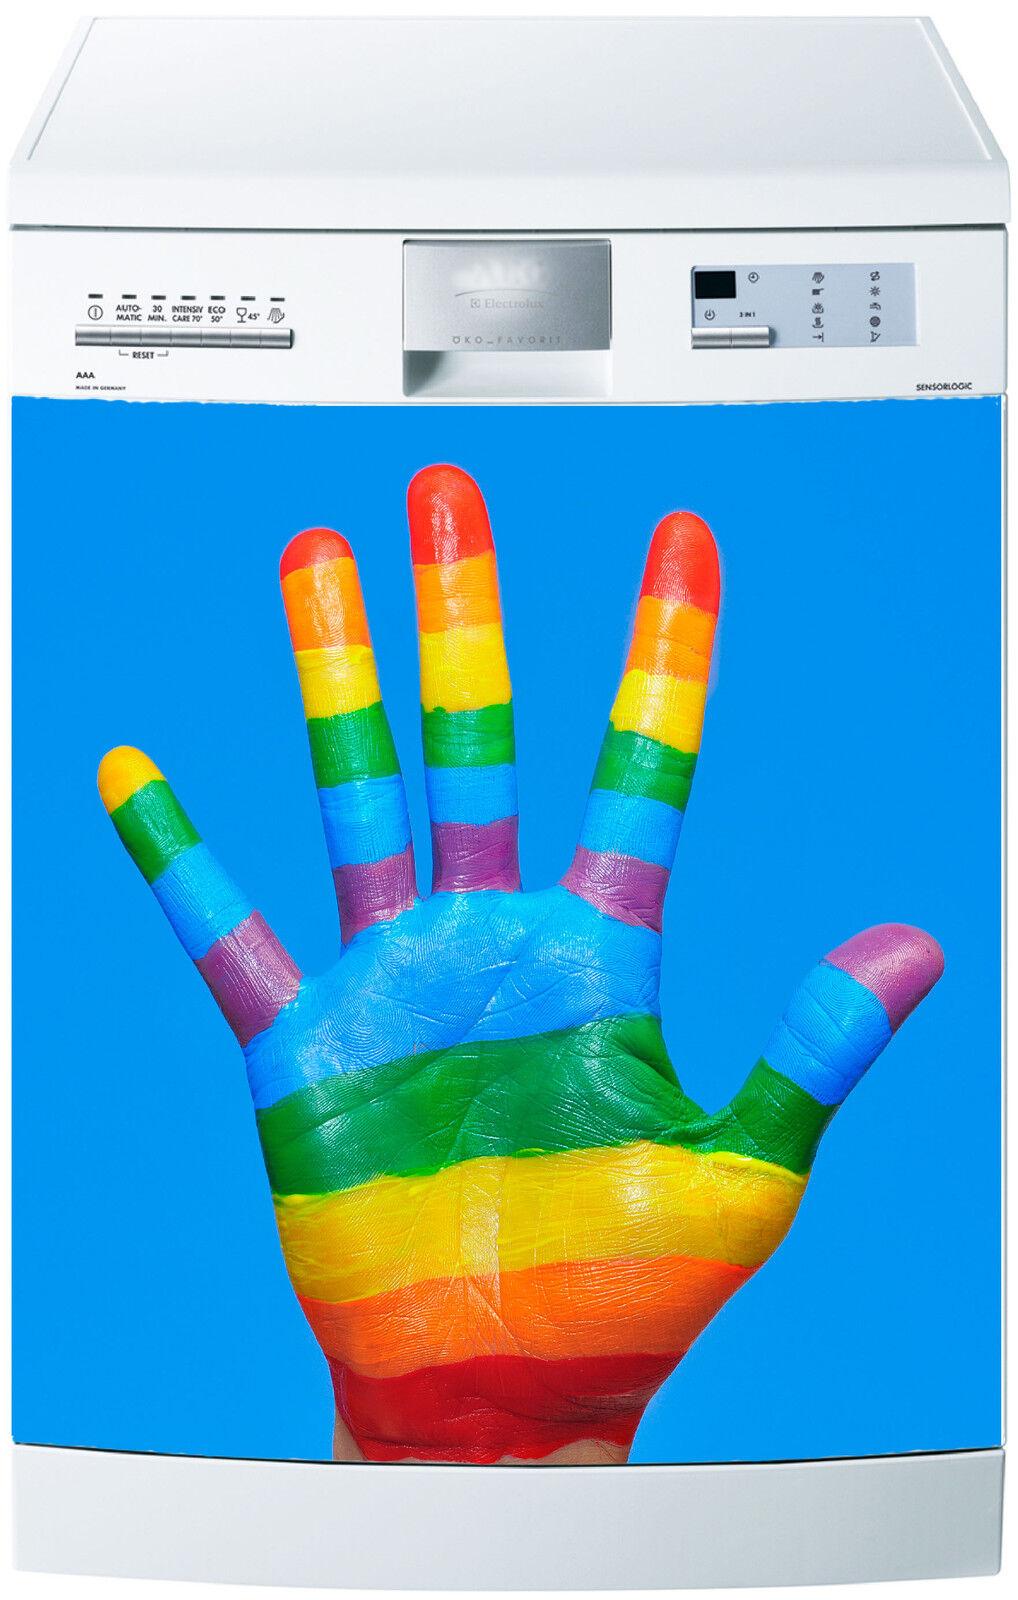 Adesivo Lavastoviglie Decocrazione Cucina Elettrodomestici Mano color Ref 571